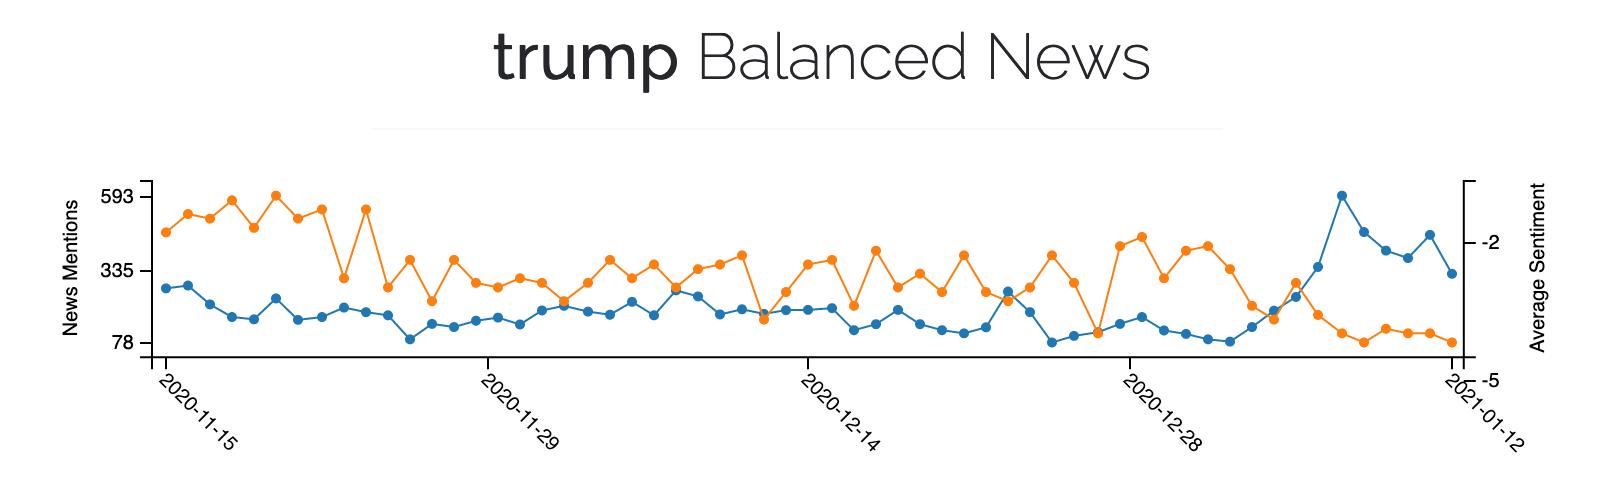 trump_news_media_bias_analysis